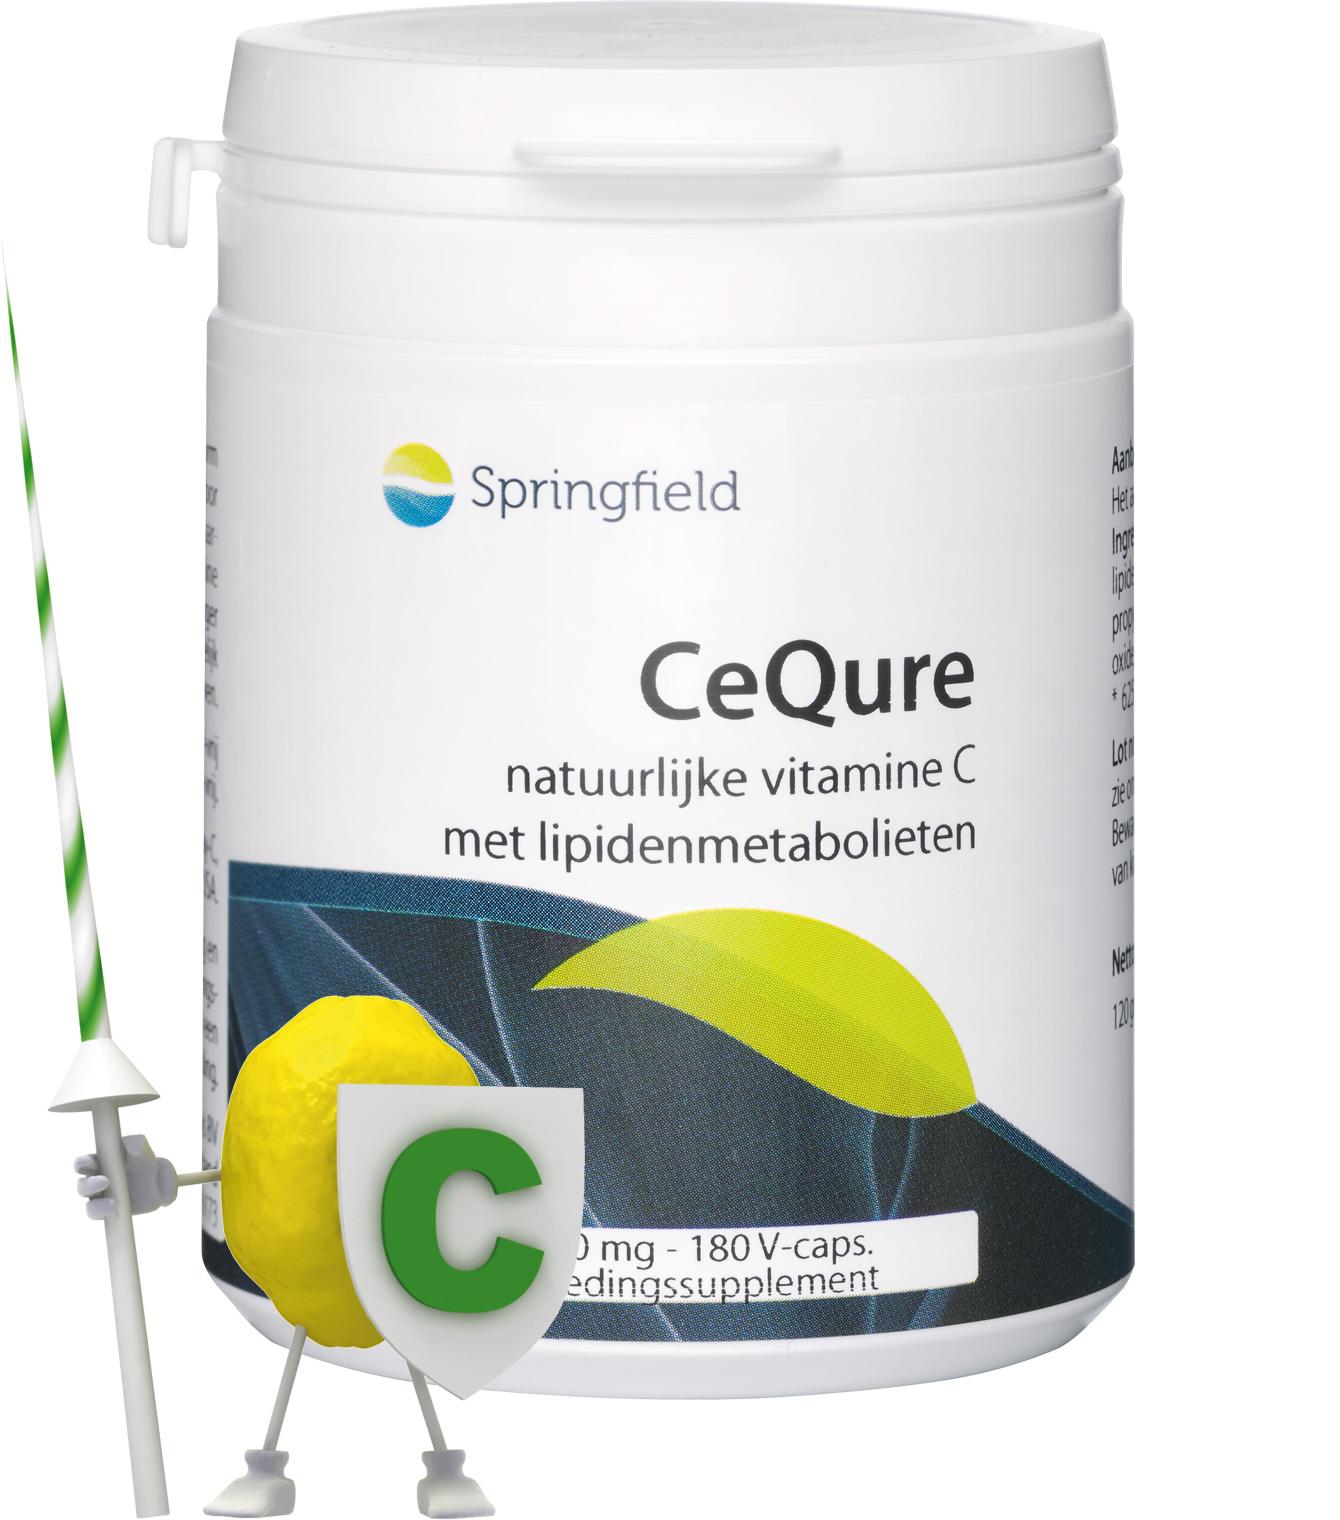 CeQure natuurlijke vitamine C met lipidenmetabolieten 180 v-capsules